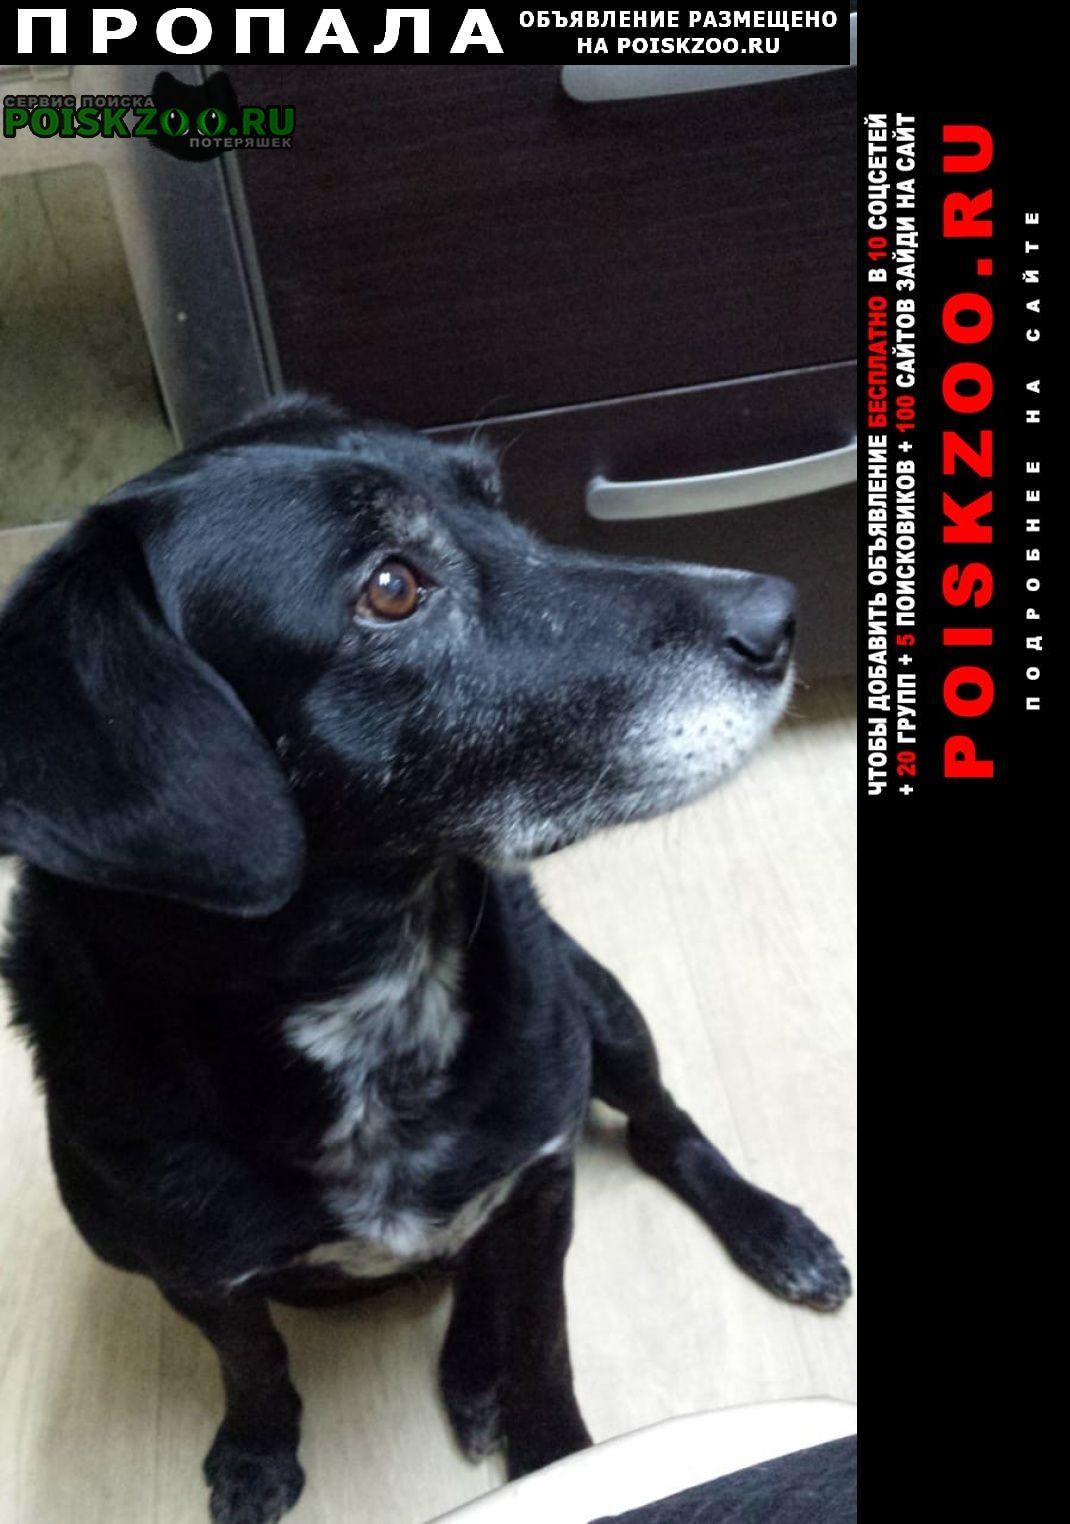 Пропала собака кобель помогите пожалуйста найти Домодедово